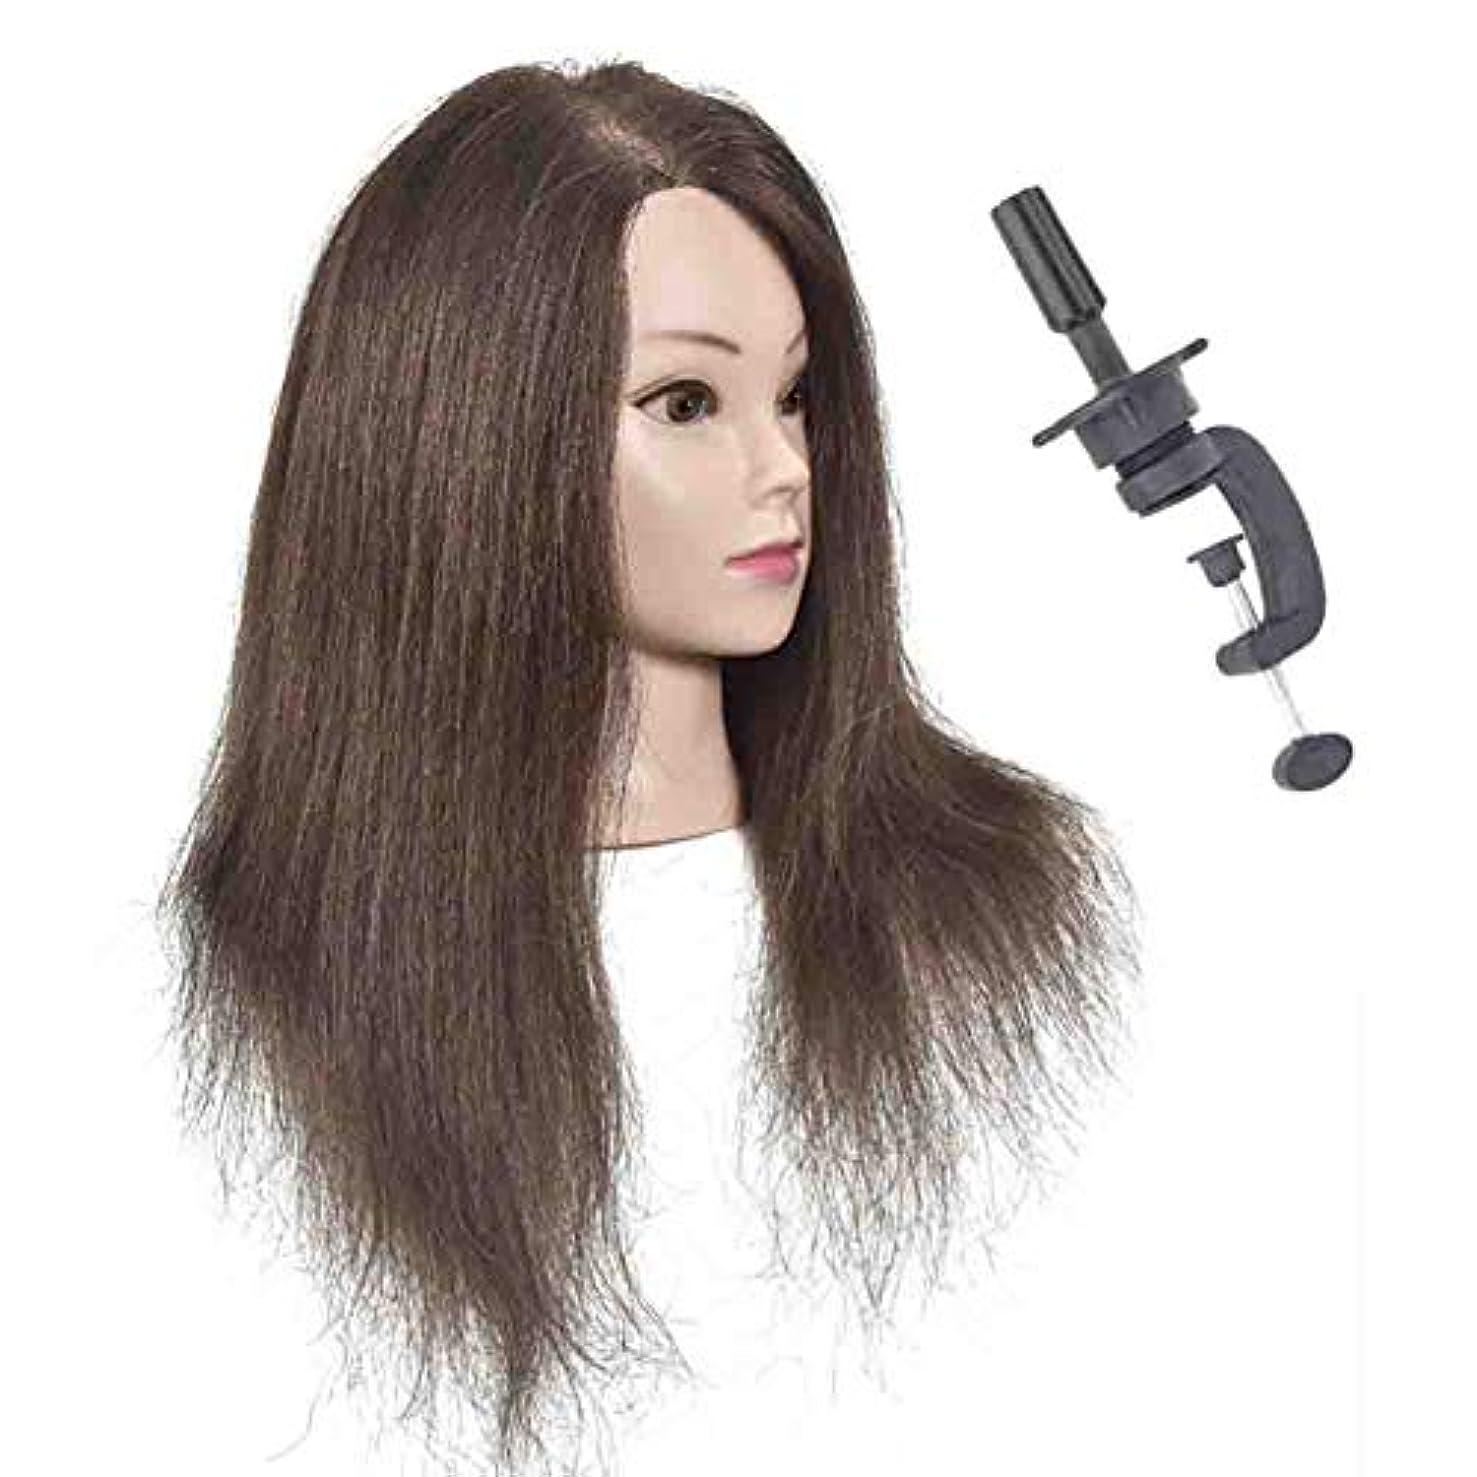 週末下に向けますディレクターリアルヘアワイヤーヘアティーチングヘッドパーマヘアウィービングヘアモデルヘアダイイング理髪ダミーヘッドモデル